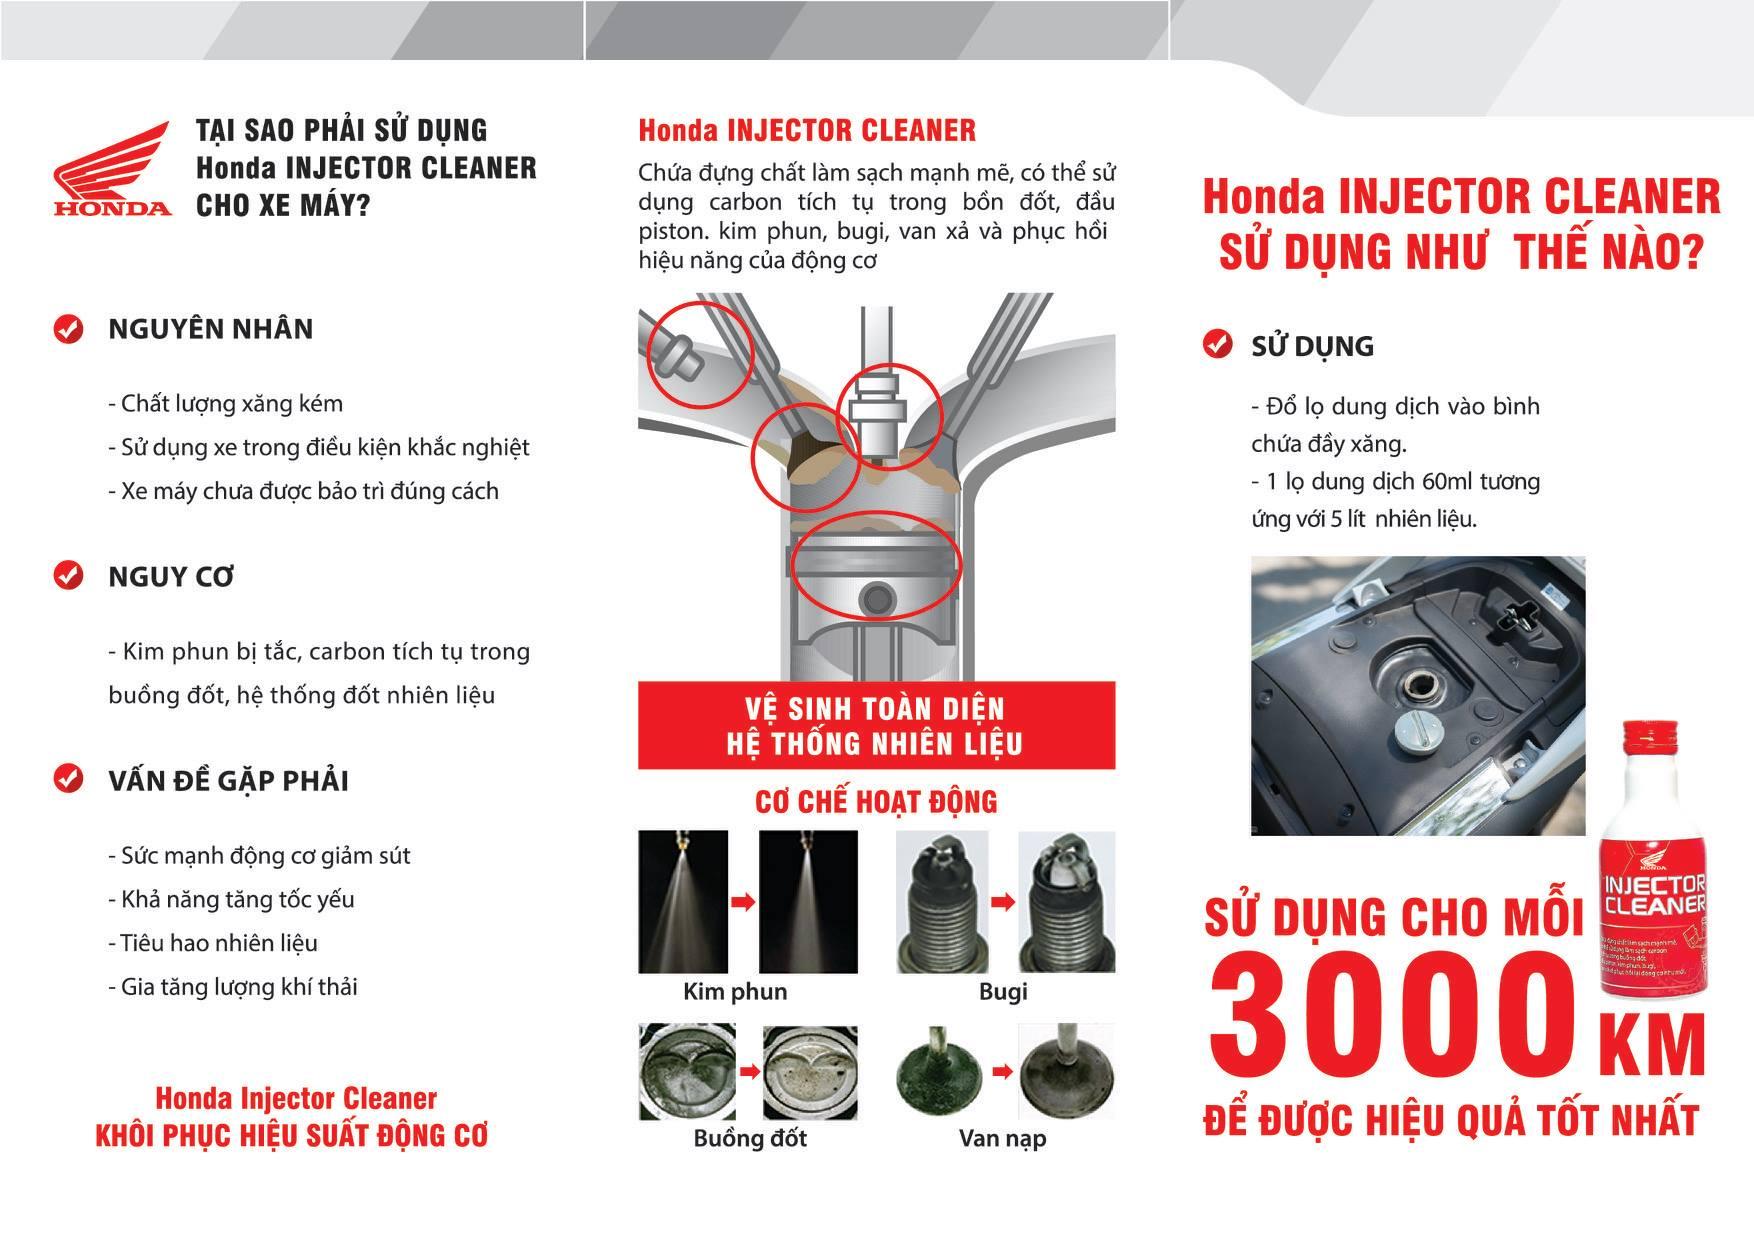 Những yếu tố quyết định nên dùng Injector Cleaner Honda